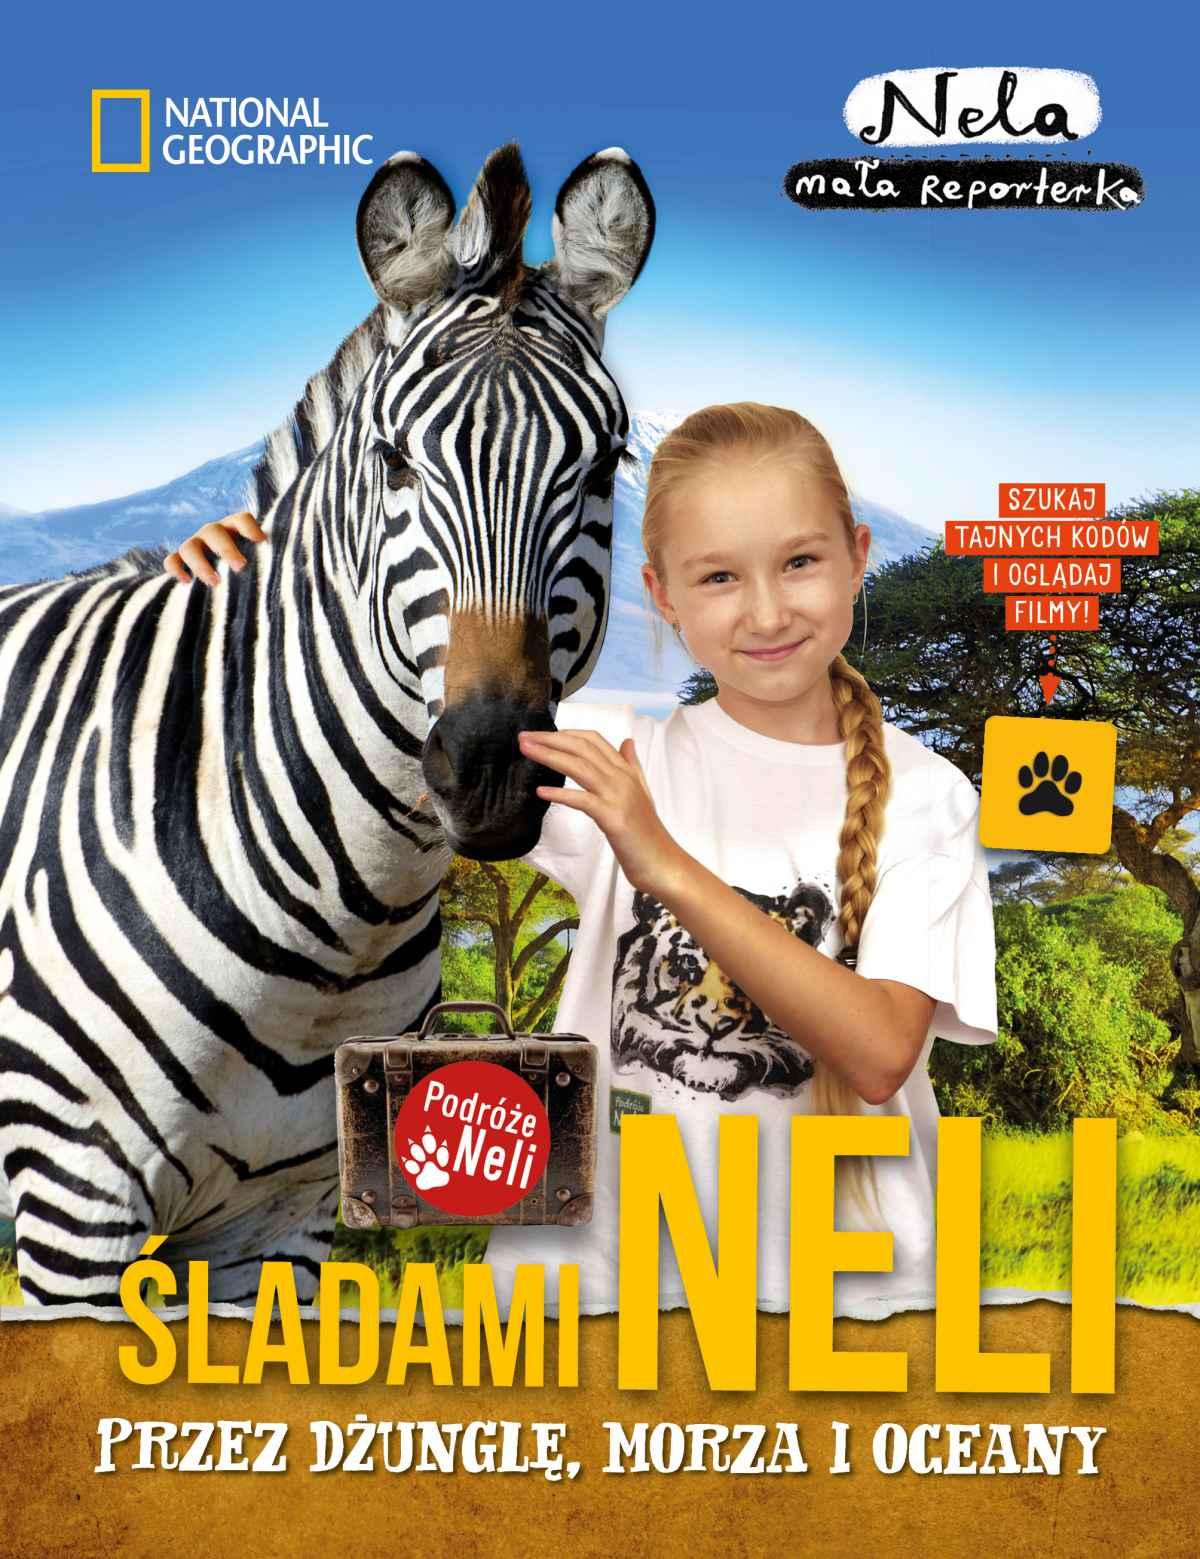 Śladami Neli przez dżunglę, morza i oceany - Ebook (Książka EPUB) do pobrania w formacie EPUB